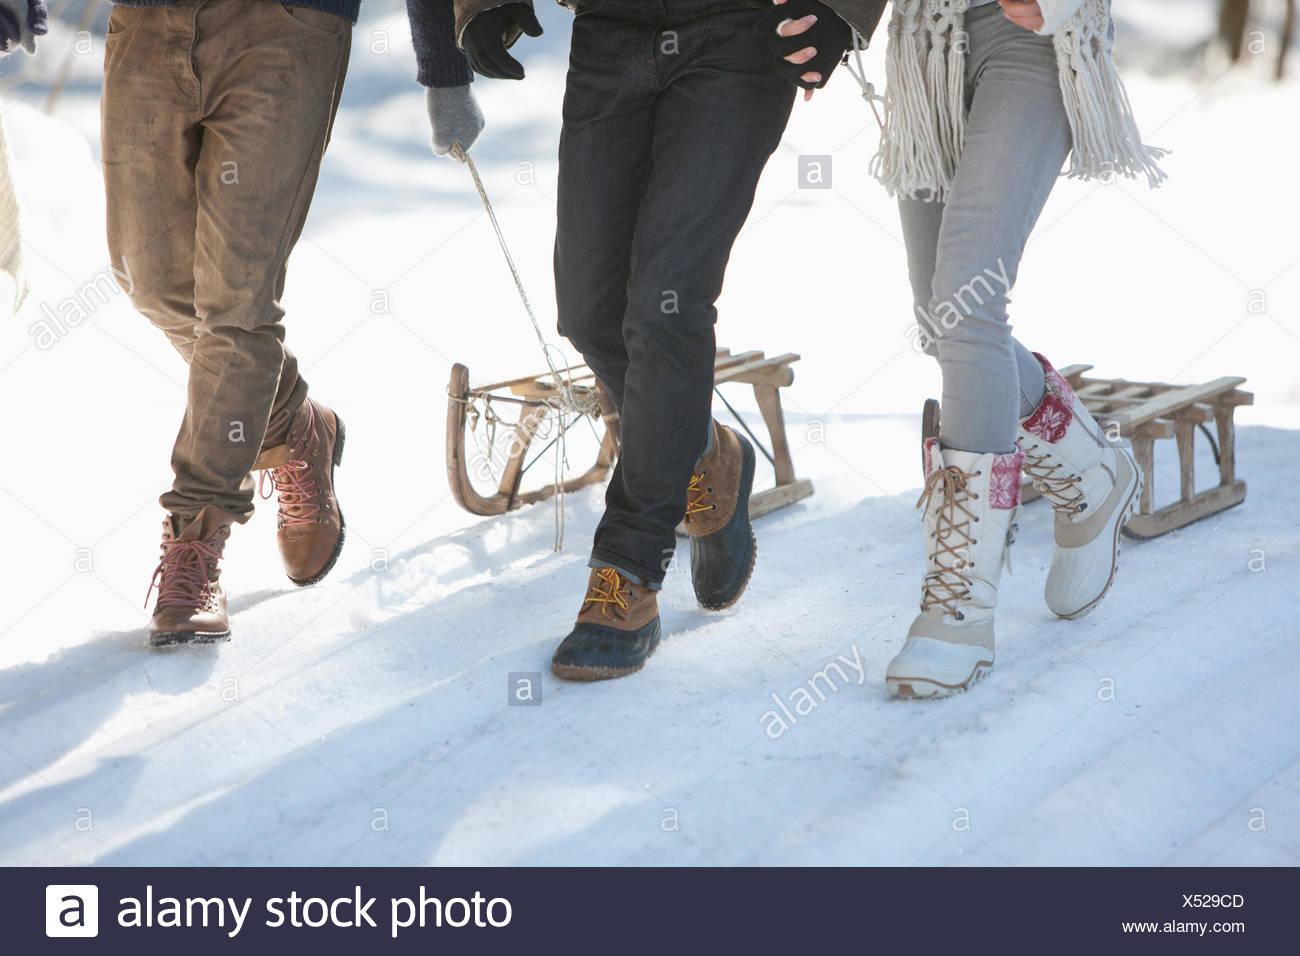 Tre persone con slitta nel paesaggio innevato, sezione bassa Immagini Stock